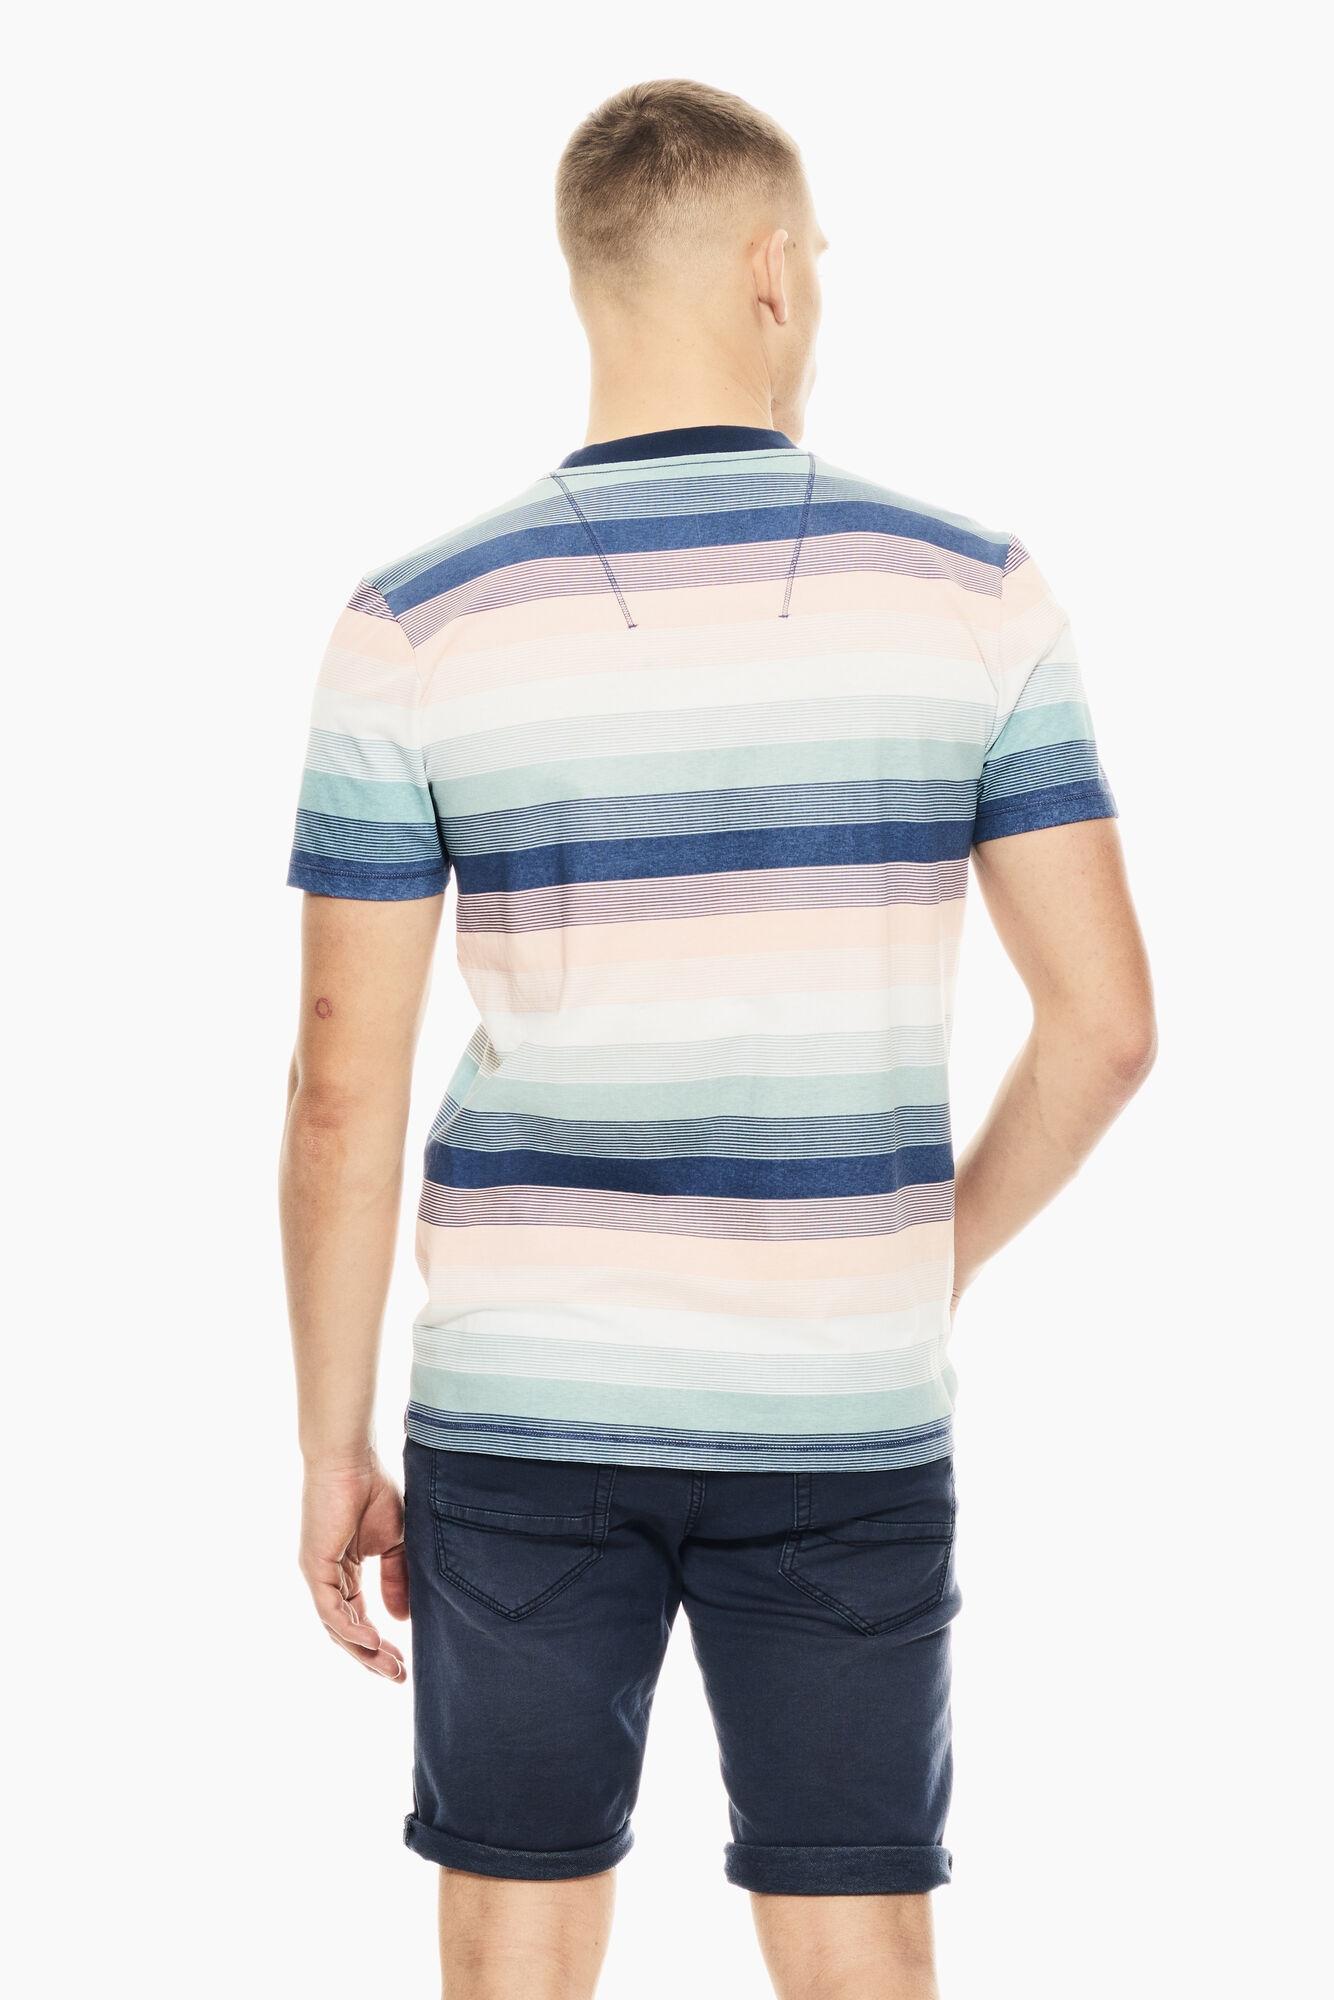 Garcia Herren T-Shirt Shirt kurzarm mehrfarbig gestreift E11005 4962 denim blue